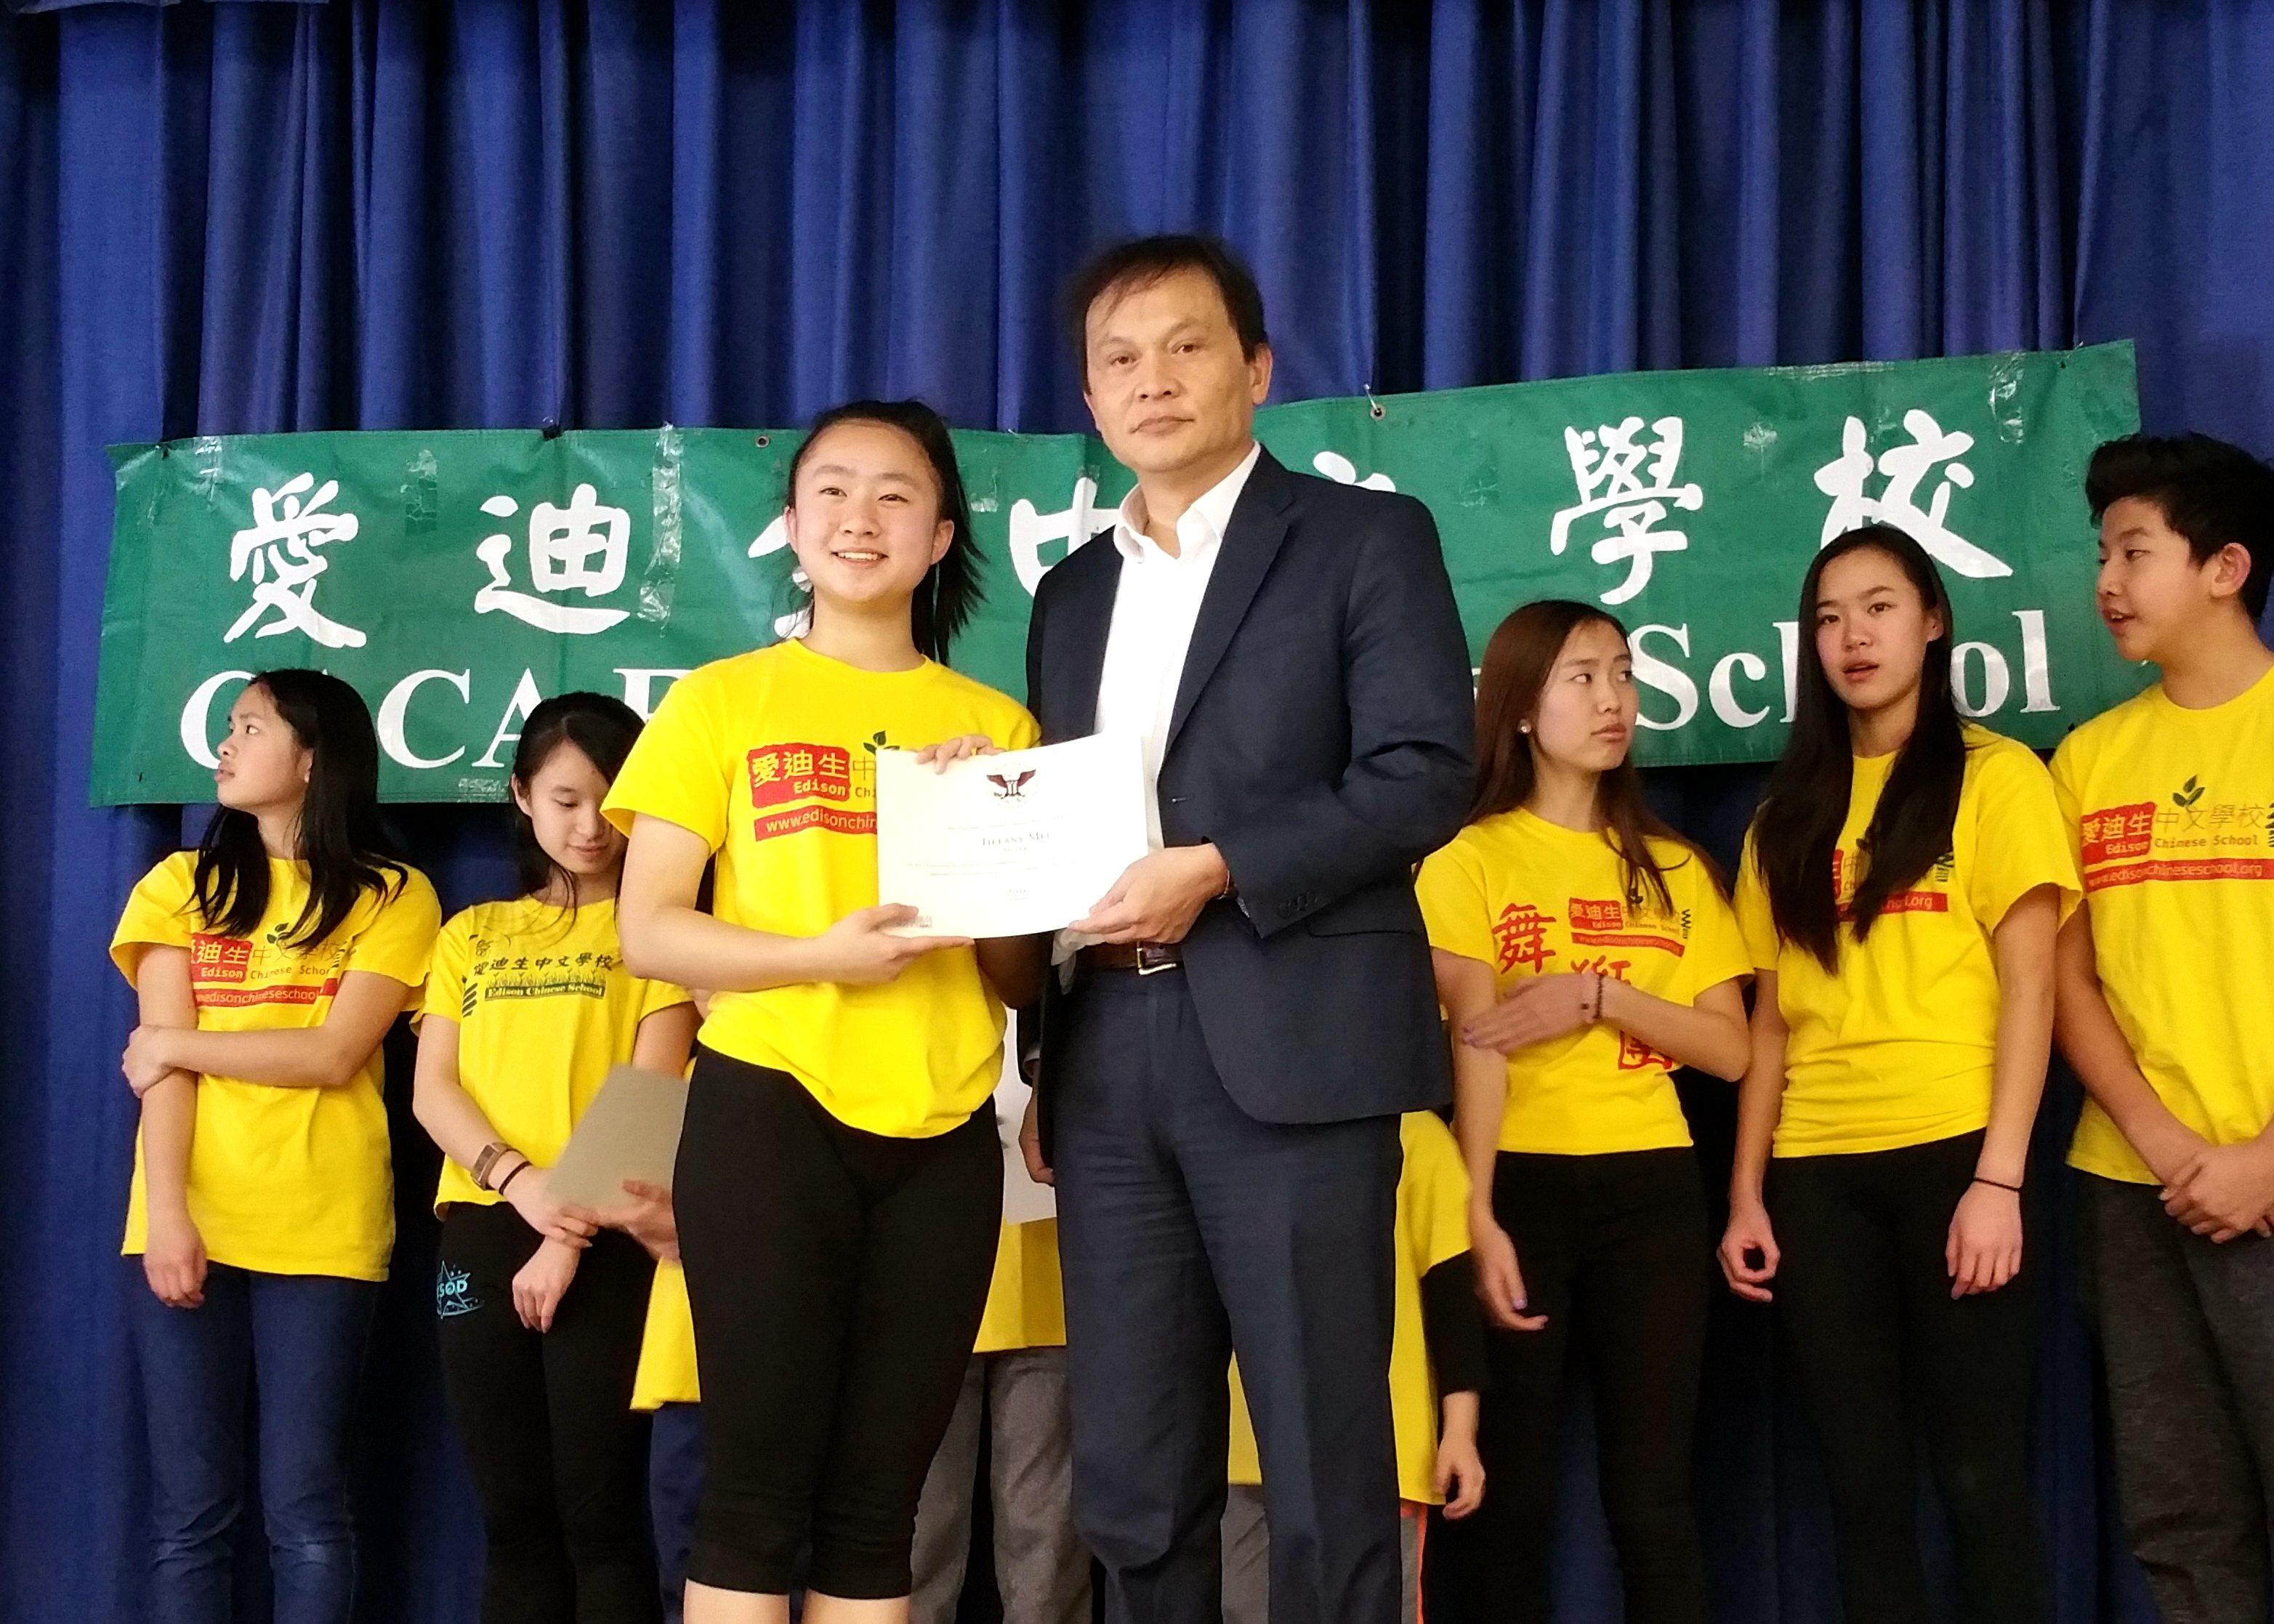 新澤西中文學校協會董事長戴松昌(前右),為榮獲總統志工服務獎的愛市中校華生頒獎。(新澤西中文學校協會提供)